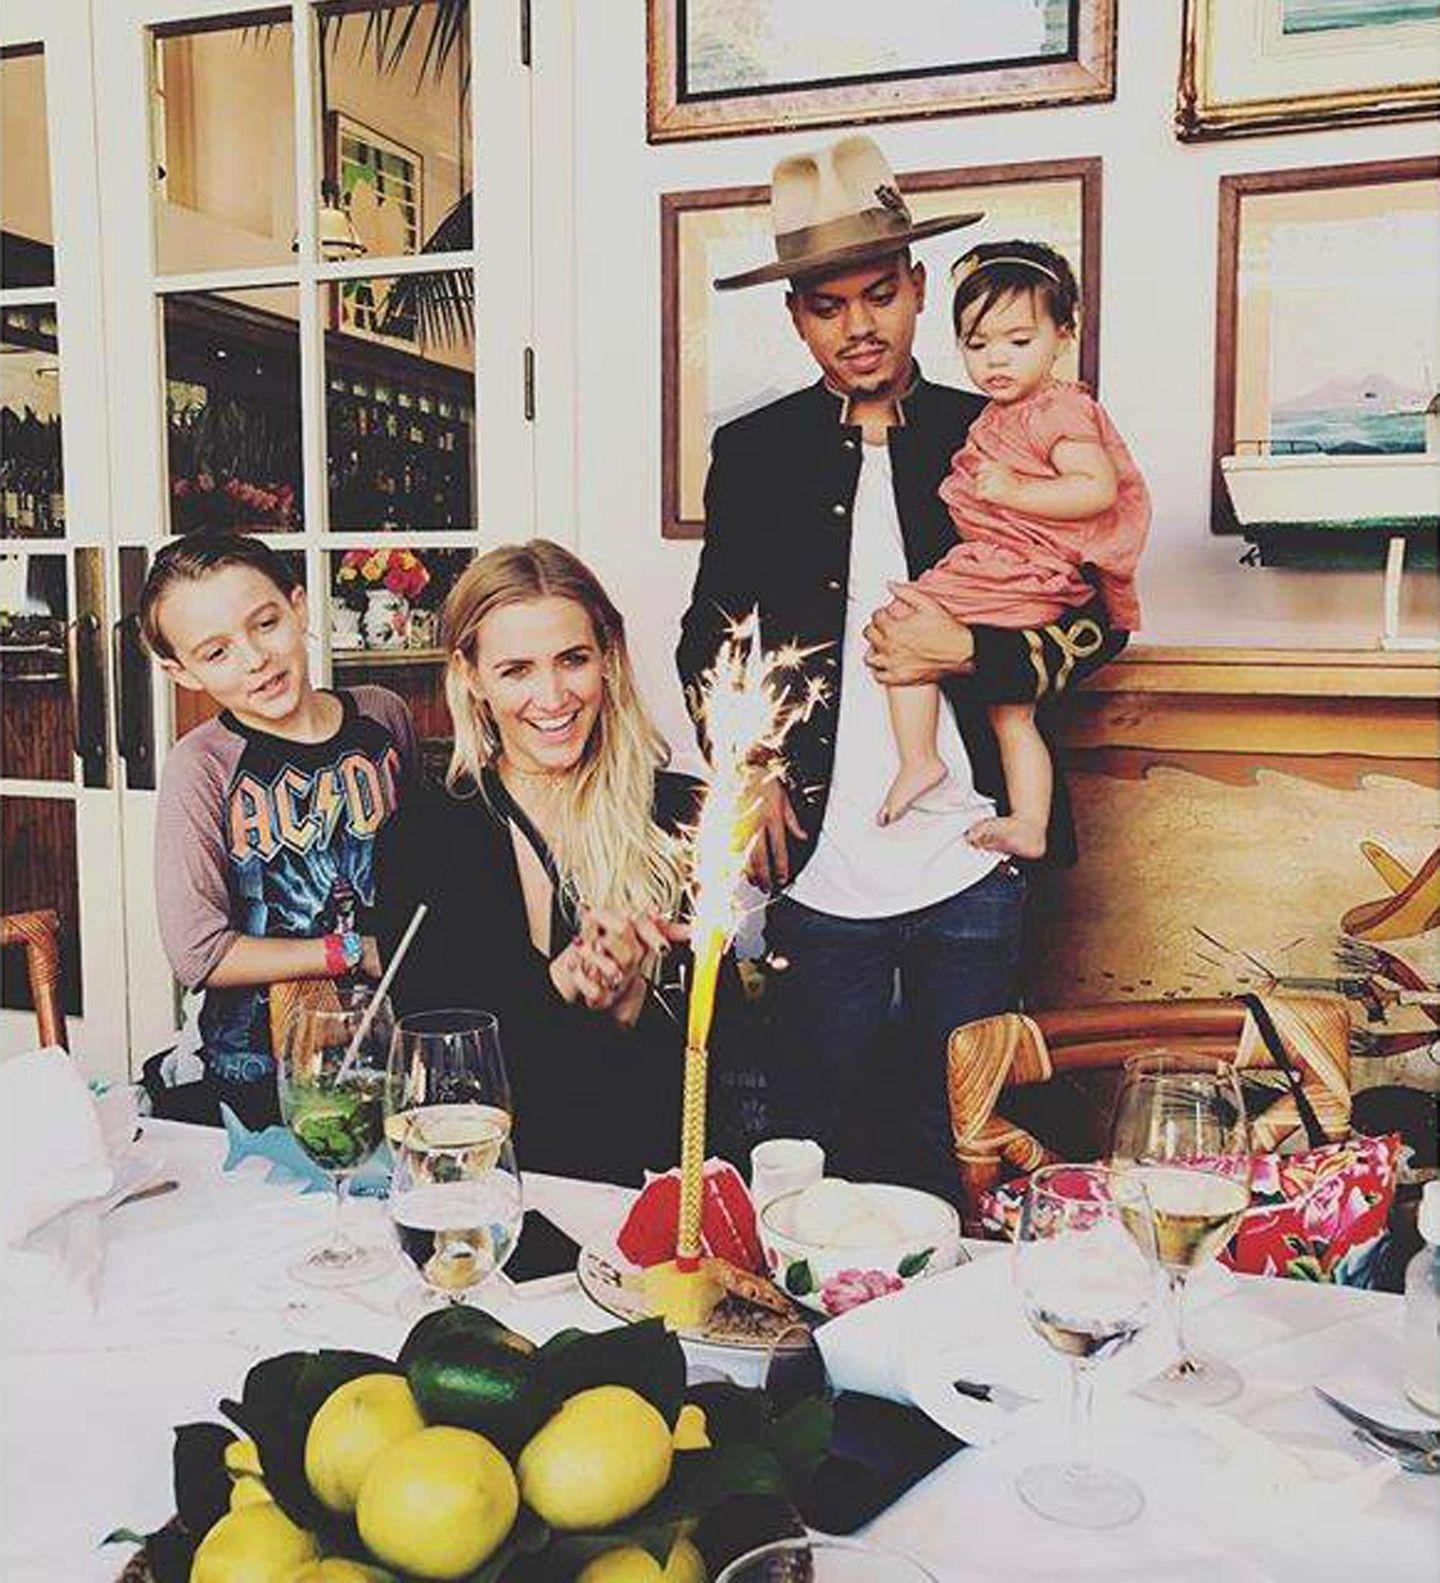 """3. Oktober 2016  Ashlee Simpson ist an ihrem 32. Geburtstag von ihren Lieben umgeben. Ihr Ehemann Evan Ross überrascht die Sängerin mit einer süßen Liebeserklärung. """"Happy Birthday für die unglaublichste Lady. Ich liebe dich von ganzem Herzen, Baby. Ich bin so ein Glückspilz, dich zu haben. Du bist mein Ein und Alles!!"""", schreibt er zu dem Bild, das das Paar mit den Kindern Bronx Mowgli, sieben, und der einjährigen Jagger Snow zeigt."""